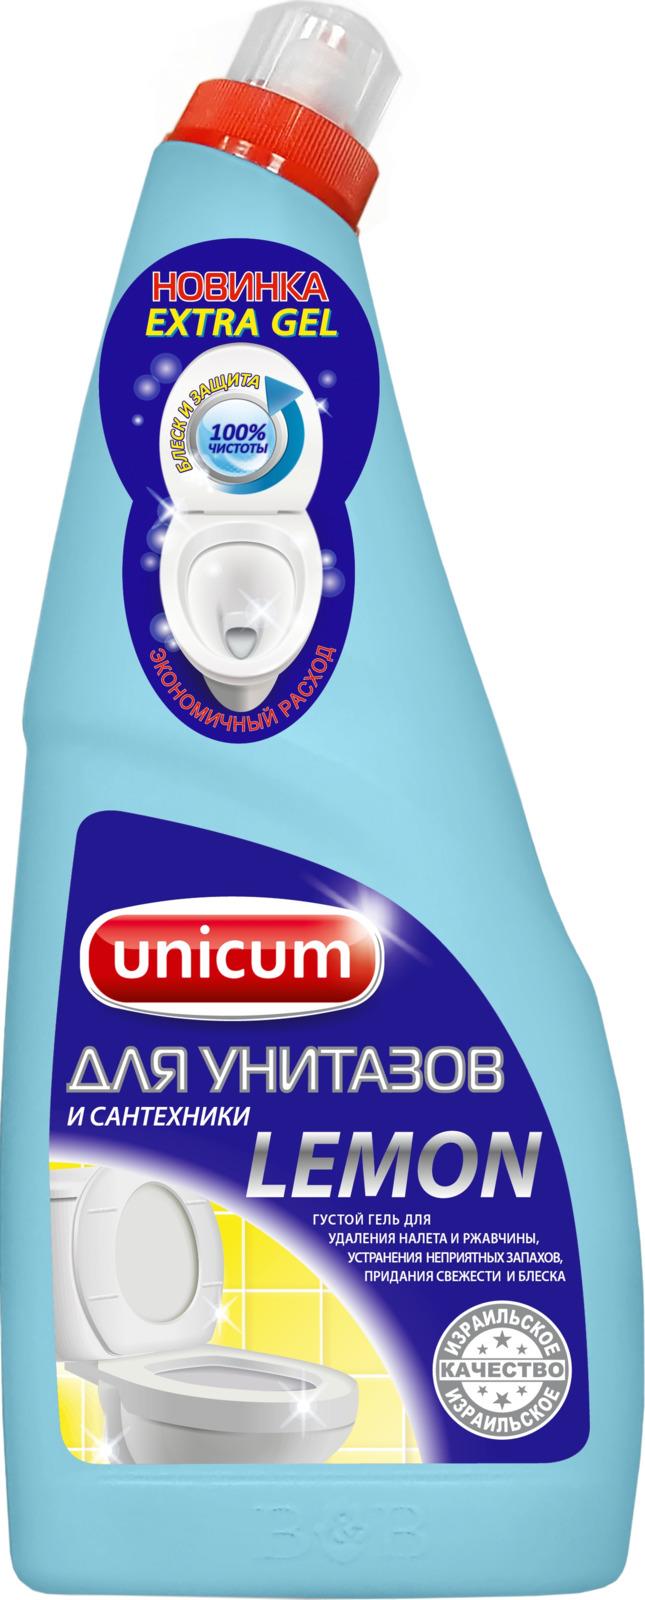 Гель для чистки унитазов Unicum Лимон, 750 мл средство elit home гель д унитазов лимон 750 мл 12 шт 671454